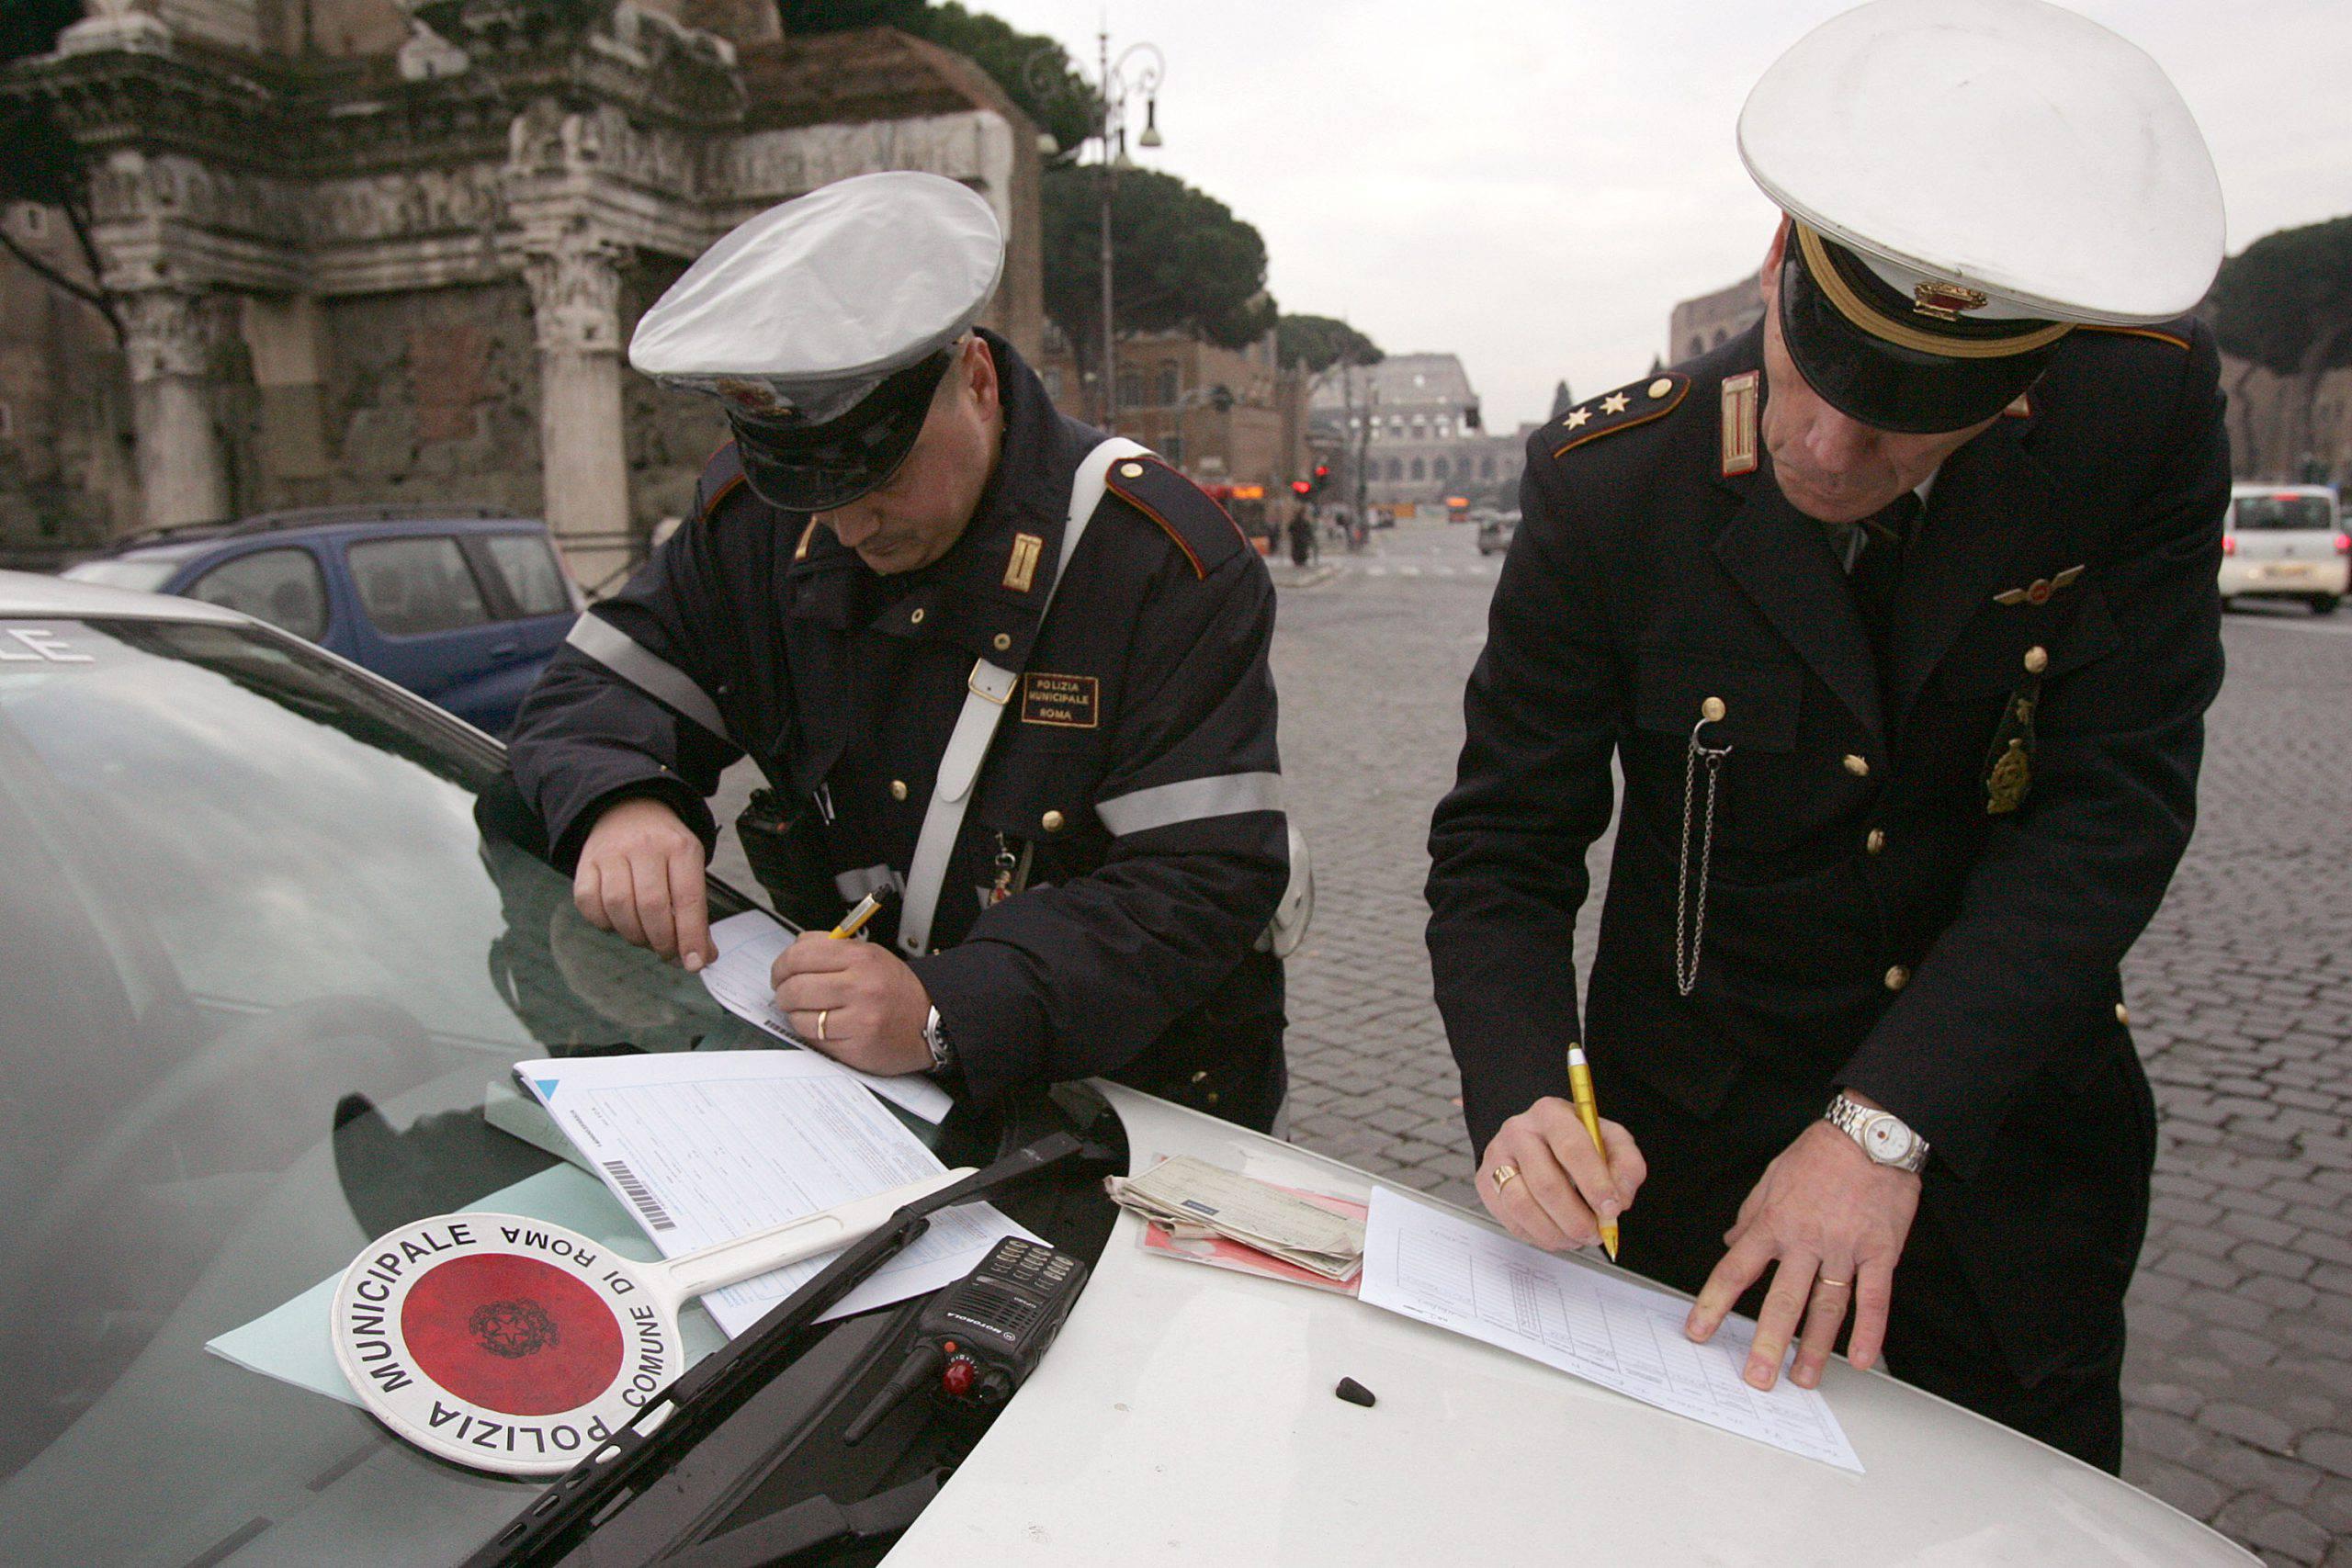 Treviso, due uomini multati per aver consumato dei cornetti fuori al bar - Leggilo.org